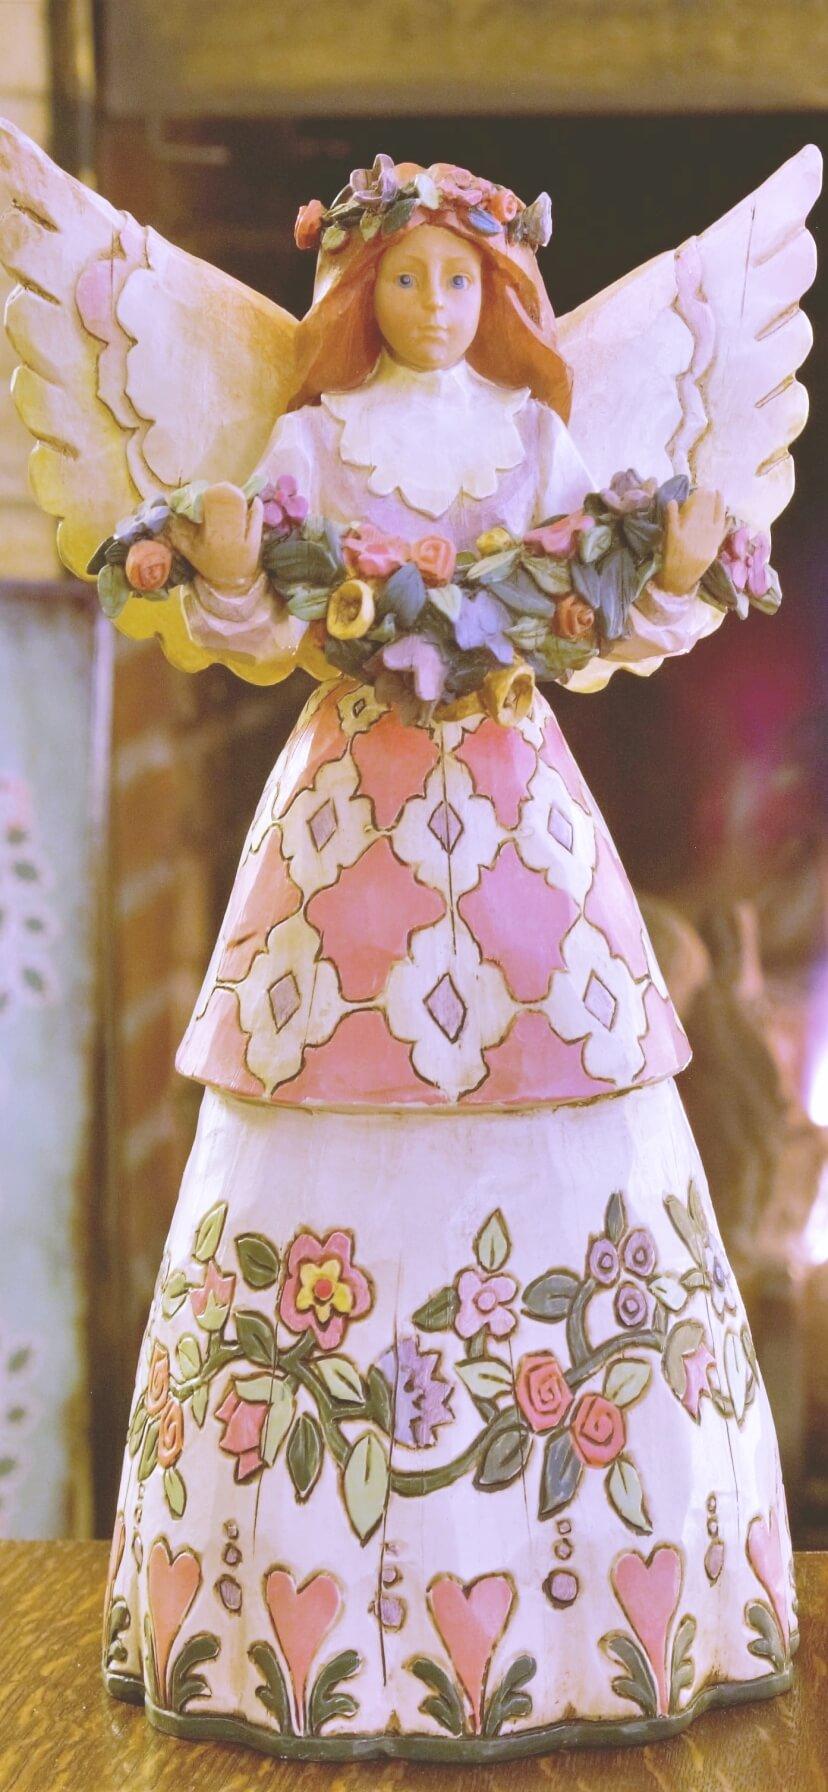 ピンクのワンピースの天使